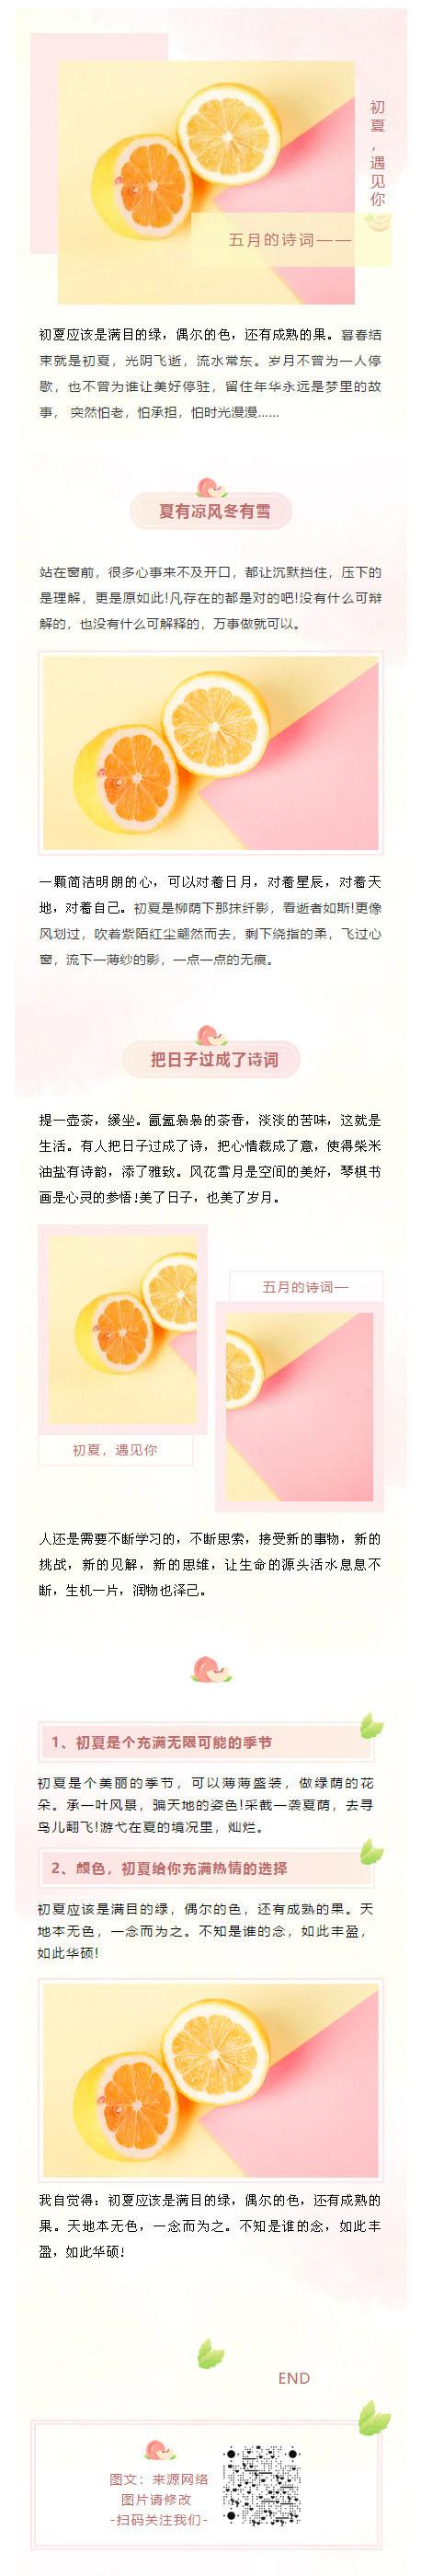 夏天水果店模板冷饮品果汁微信公众号模板推文模板推送文章素材